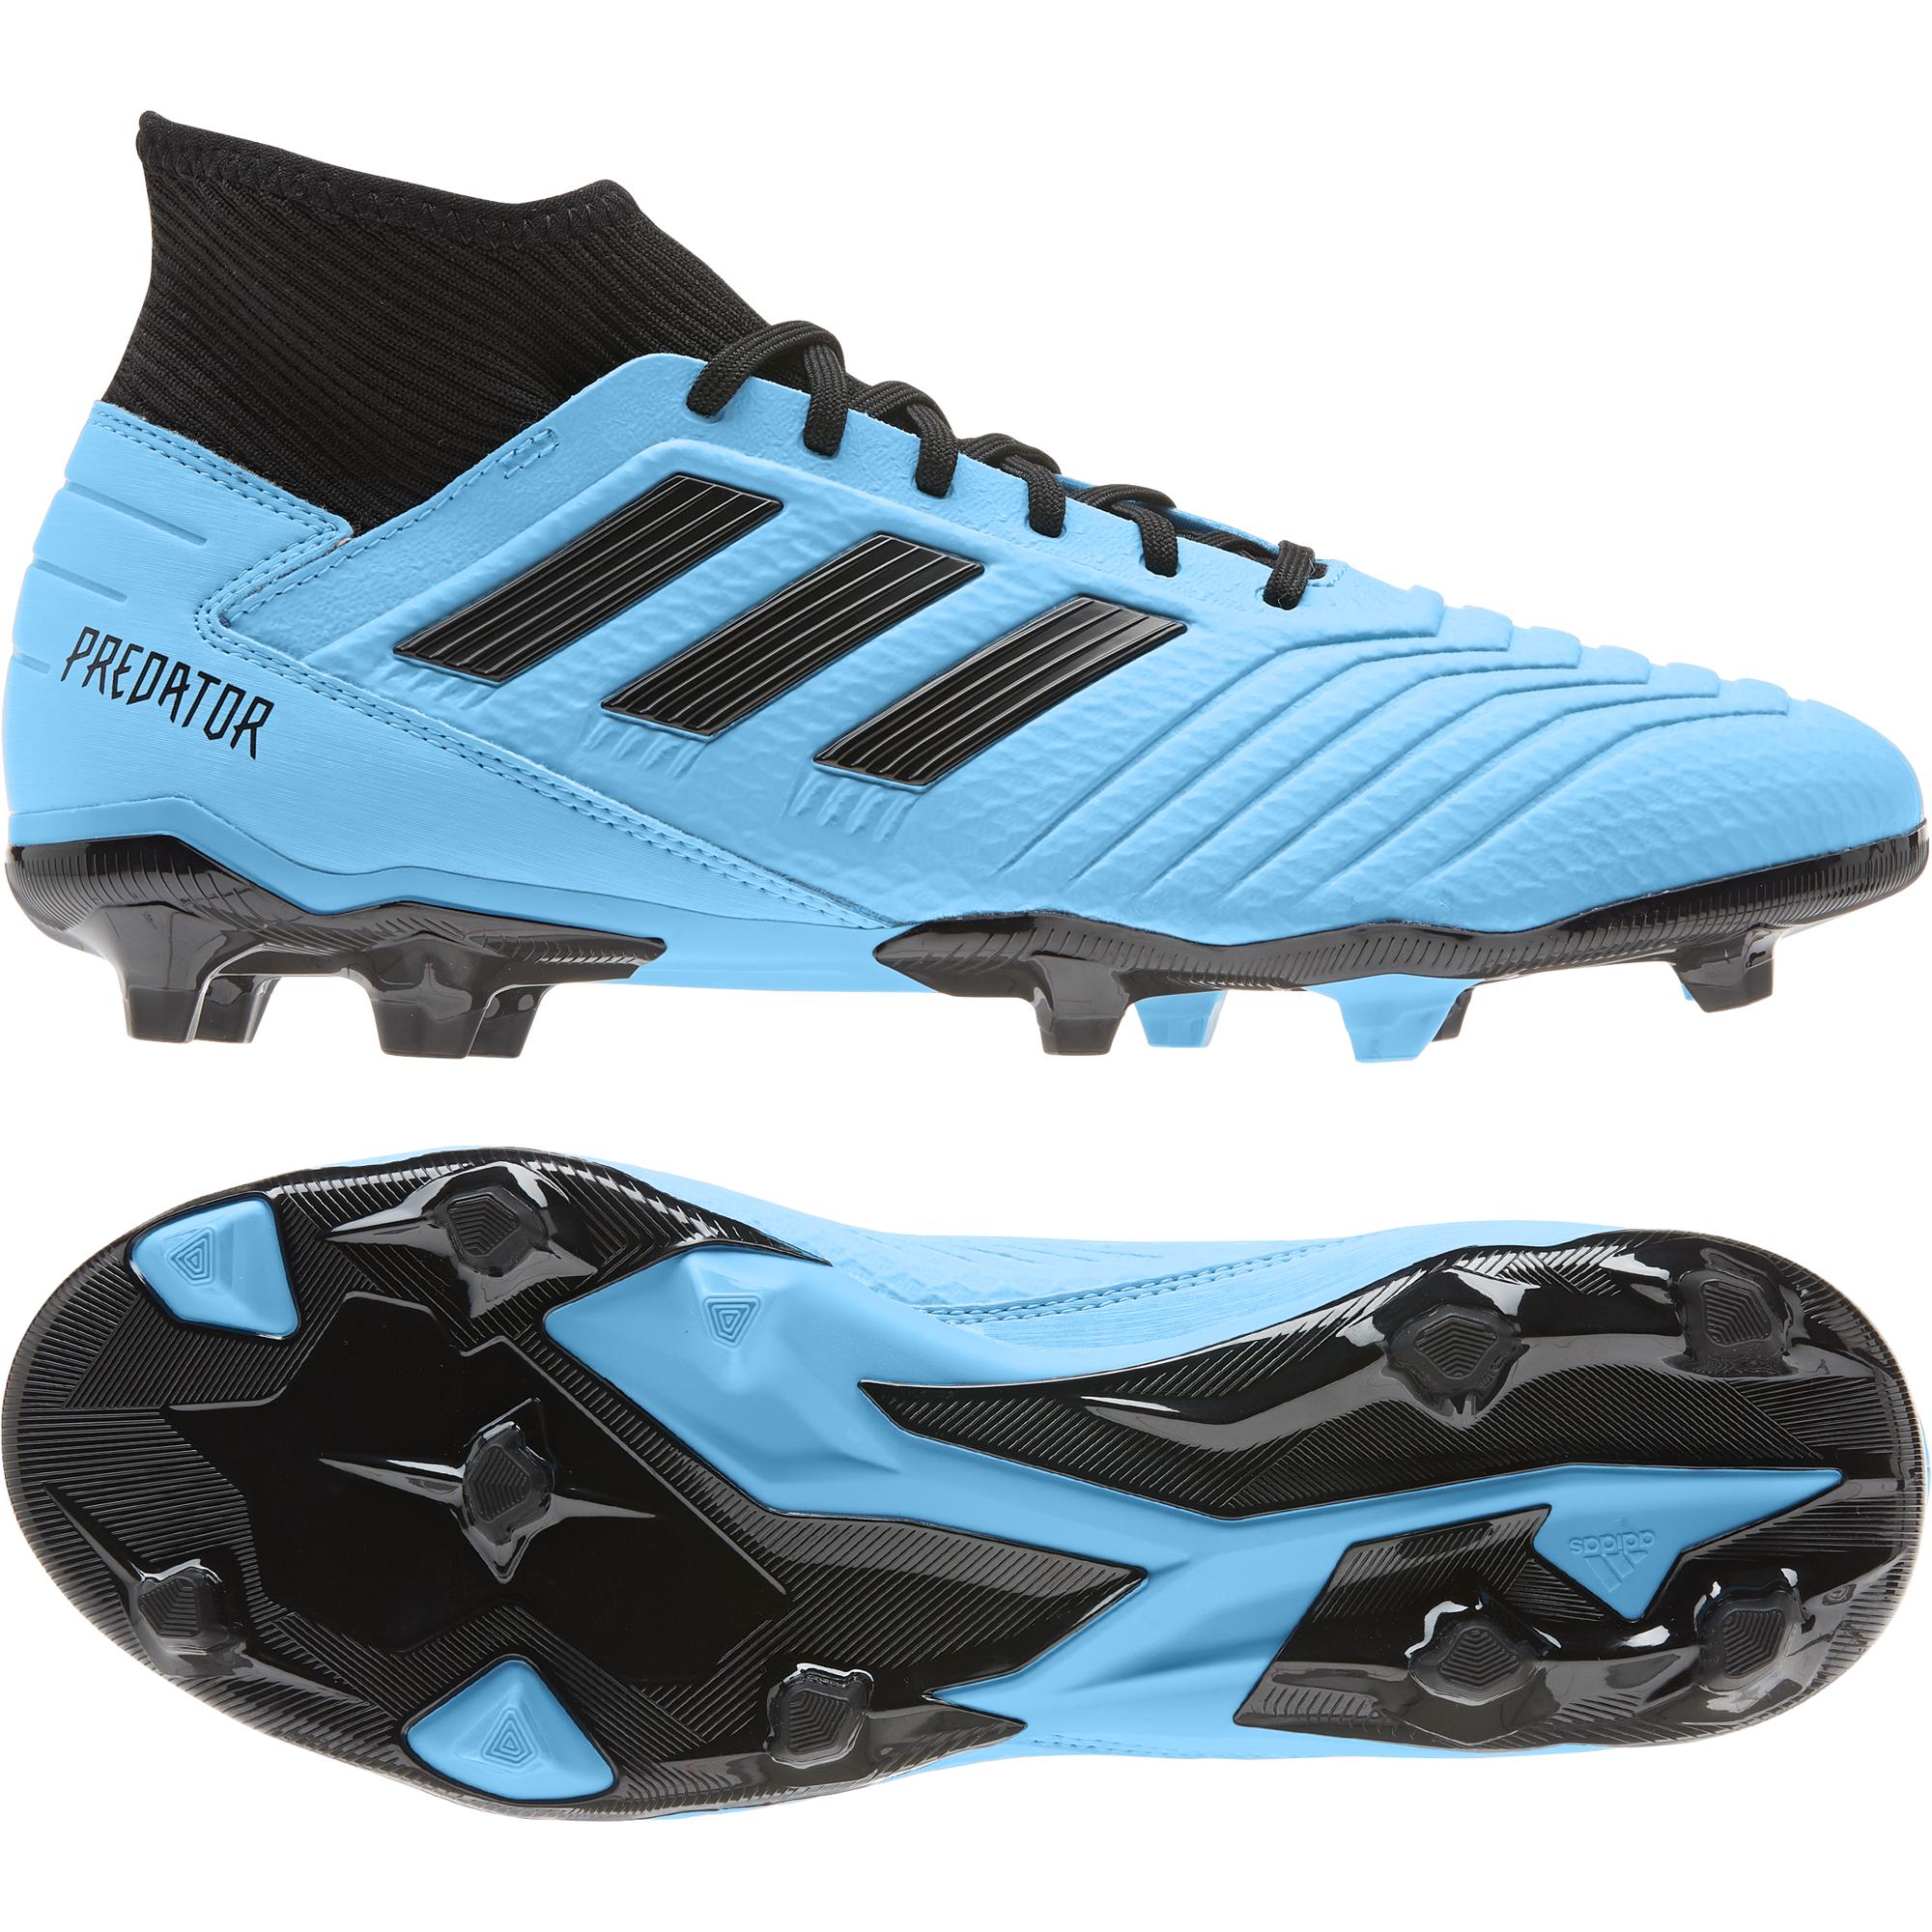 Adidas Predator 19.3 FG Fußballschuh Nocken mit Socke Rasen